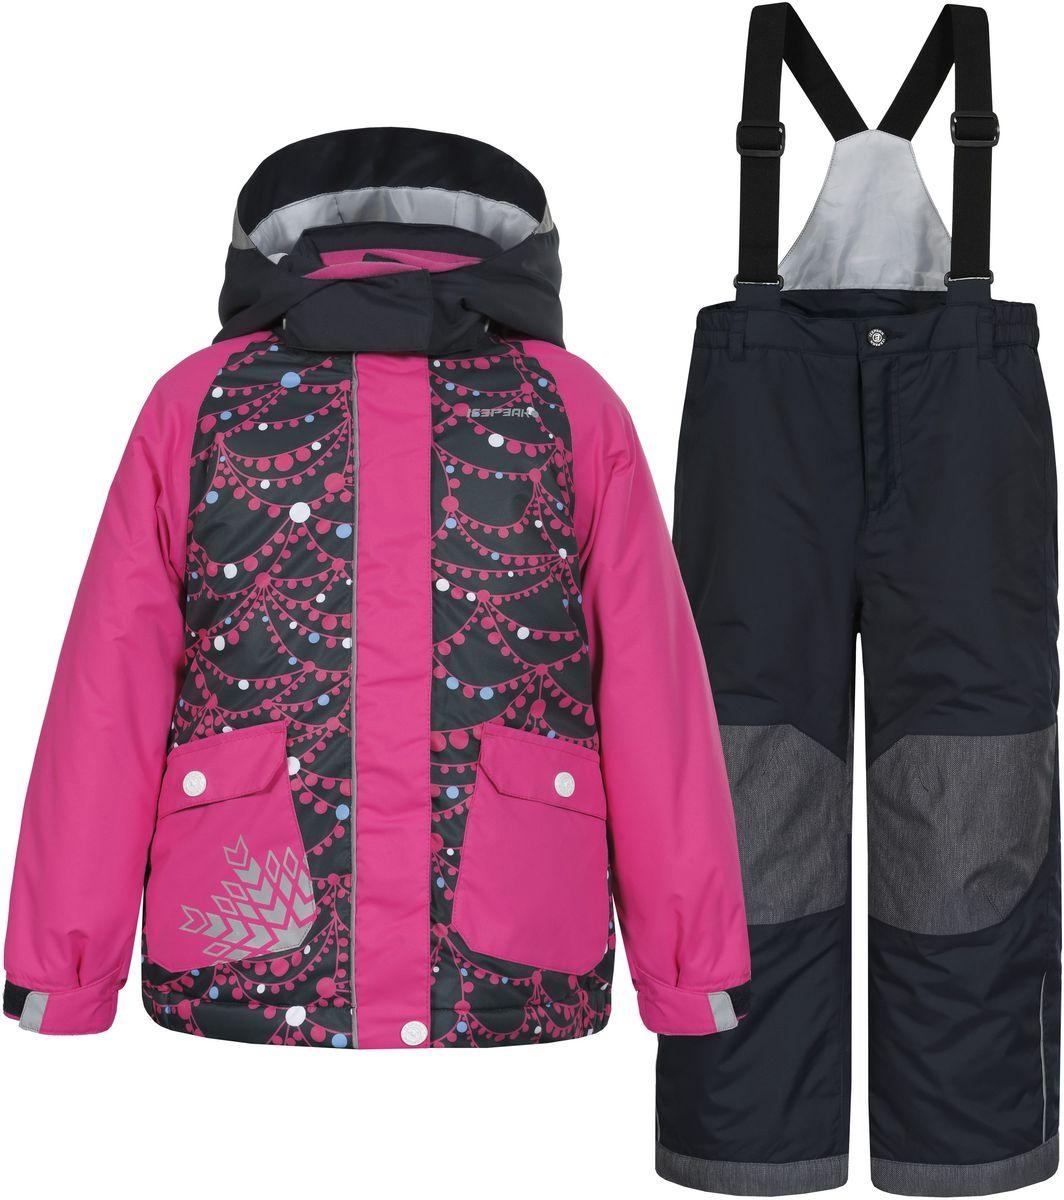 Комплект для девочки Icepeak Jody Kd: куртка, брюки, цвет: розовый, темно-синий. 652102502IV. Размер 92652102502IV_390Комплект для девочки Icepeak Jody Kd выполнен из 100% полиэстера и состоит из куртки и брюк. В качестве подкладки и утеплителя также используется 100% полиэстер. Ткань изготовлена с применением технологии ICEMAX, с водонепроницаемой и воздухопроницаемой мембраной 5000мм/2000 г/м2 /24 ч, которая защищает от ветра и влаги даже в экстремальных условиях. Брюки застегиваются на молнию и пуговицу. Подкладка брюк выполнена из гладкой ткани. Изделие дополнено эластичными наплечными лямками, регулируемыми по длине. На талии по бокам предусмотрена широкая эластичная резинка. Снизу брючин предусмотрены муфты с прорезиненными полосками, препятствующие попаданию снега в обувь и не дающие брючинам задираться вверх. Куртка со съемным капюшоном и воротником-стойкой застегивается на пластиковую застежку-молнию с защитой для подбородка и дополнительно имеет ветрозащитную планку на липучках и кнопках. Капюшон пристегивается при помощи кнопок. Манжеты рукавов дополнены эластичными резинками и регулируются по ширине за счет хлястиков с липучками. Спереди модель дополнена двумя накладными карманами на застежках-кнопках. Комплект оснащен светоотражающими элементами.